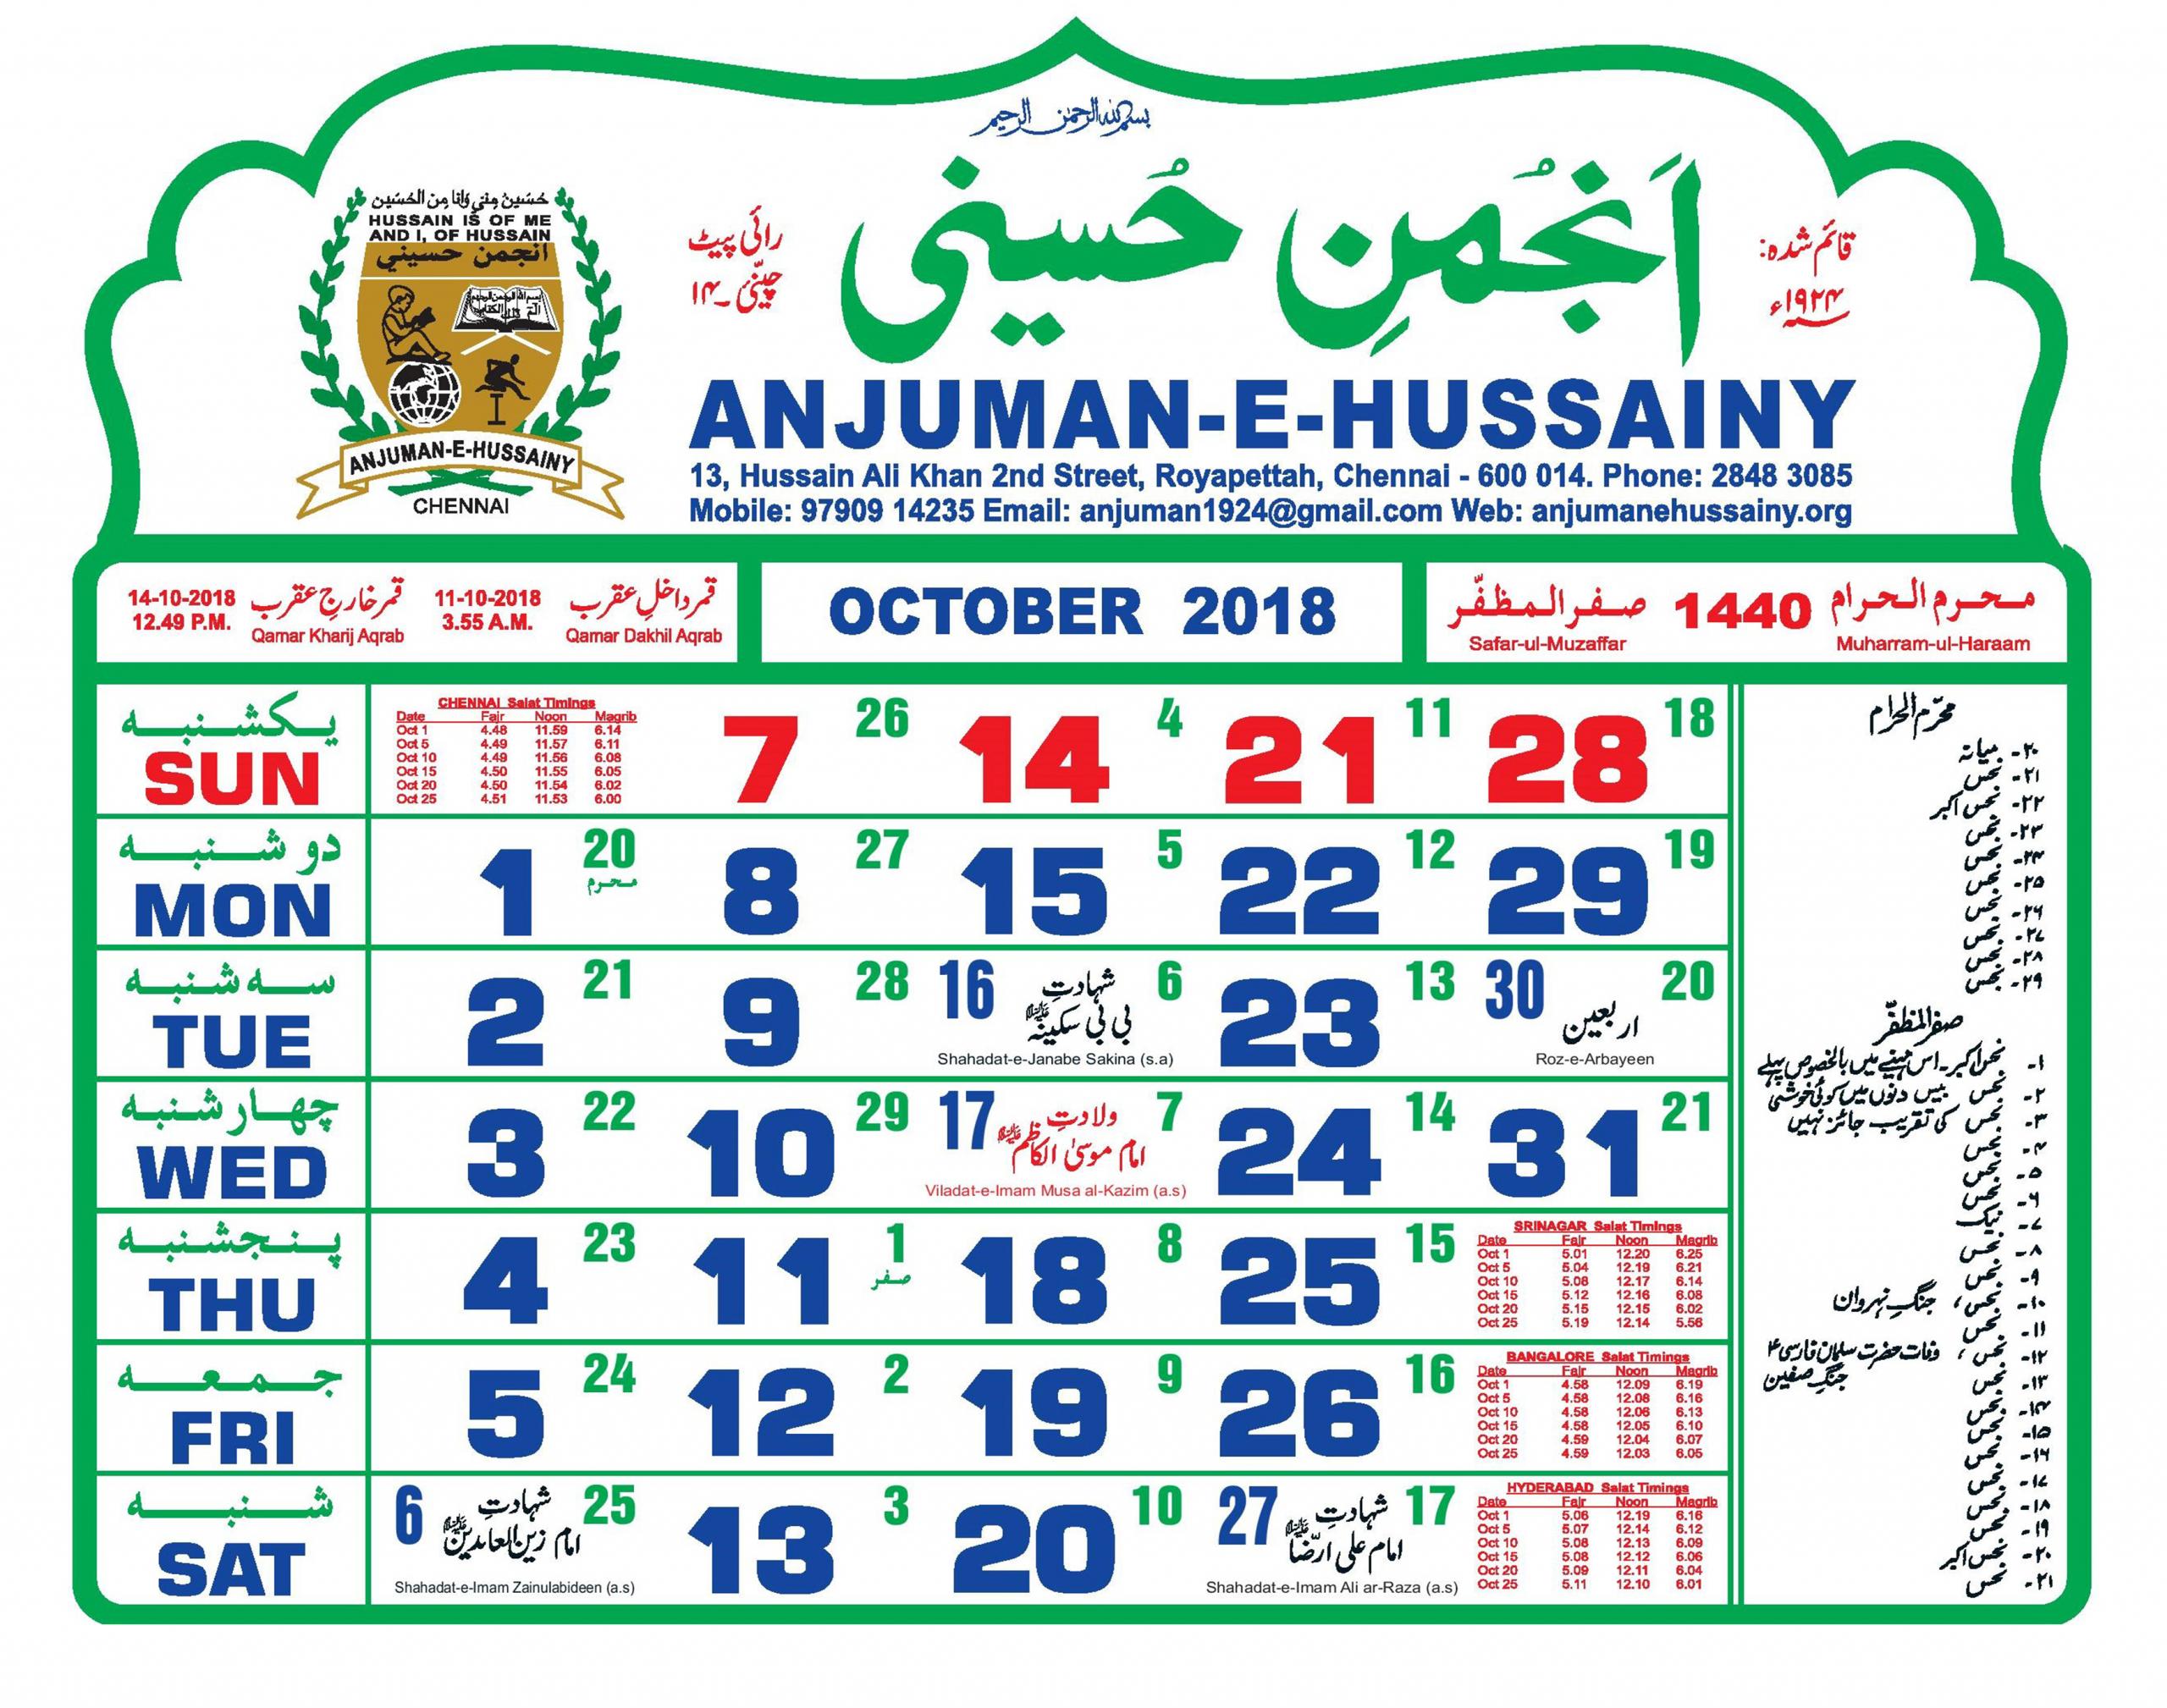 Anjuman E Hussaini Calendar 2019 Pdf | Calendar Printable Free